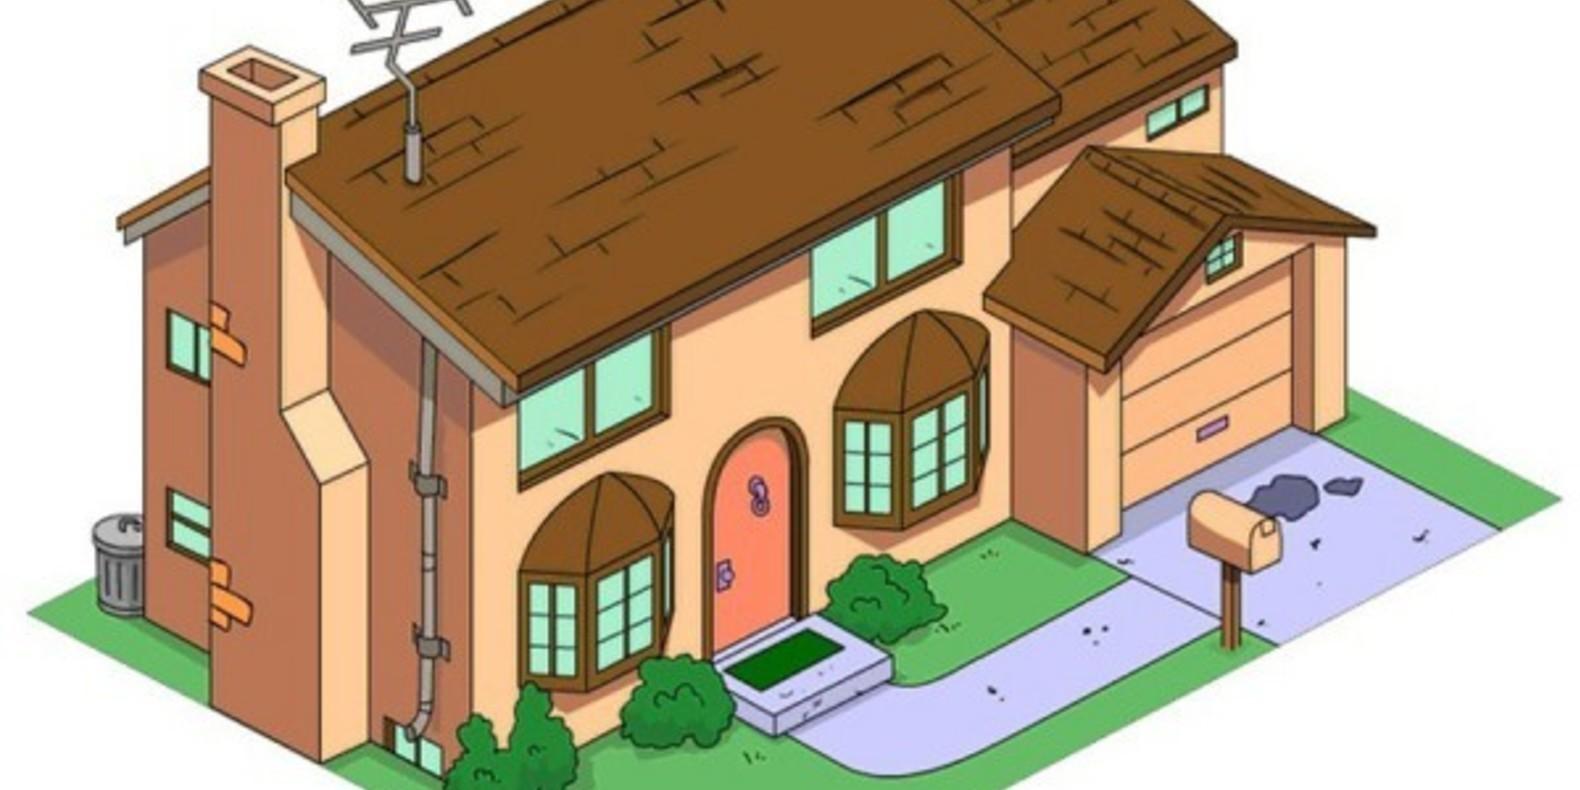 3D Printed Simpson House Cults 6 maison des Simpson